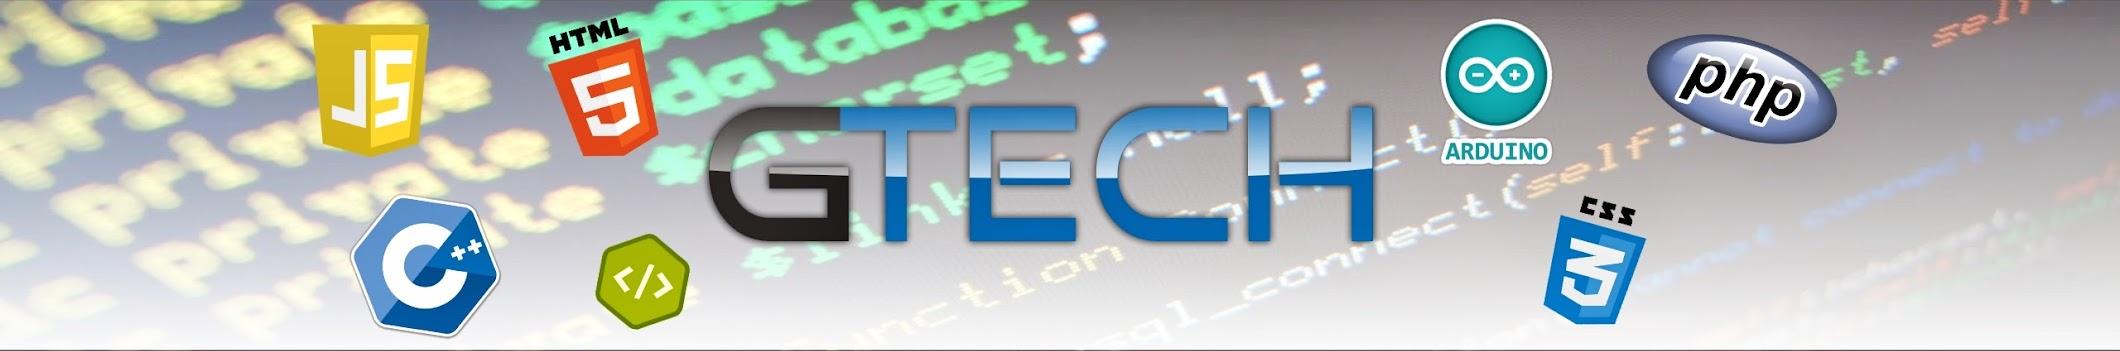 G- Tech